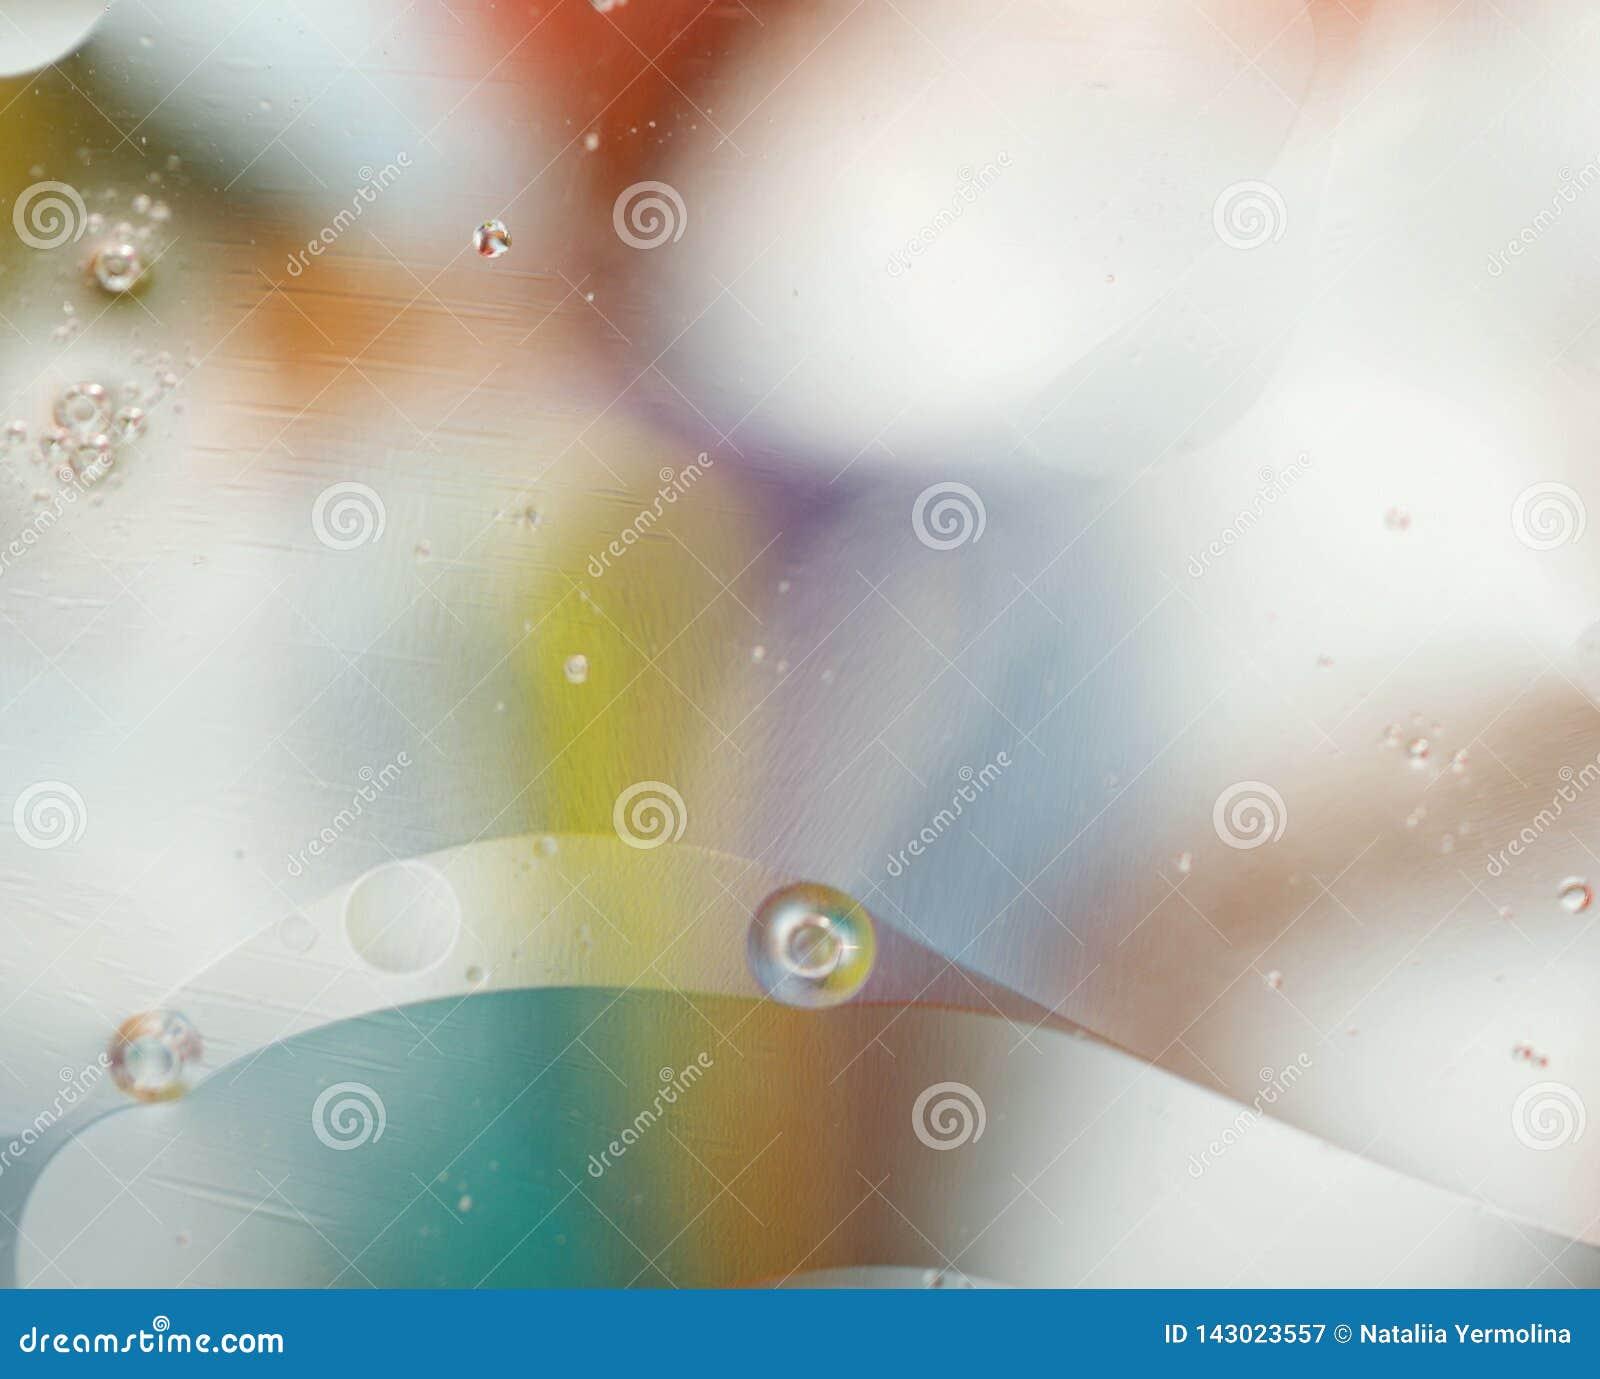 Предпосылка запачканная конспектом нежная Текстура жидкости с кругами и пузырями пастельных цветов